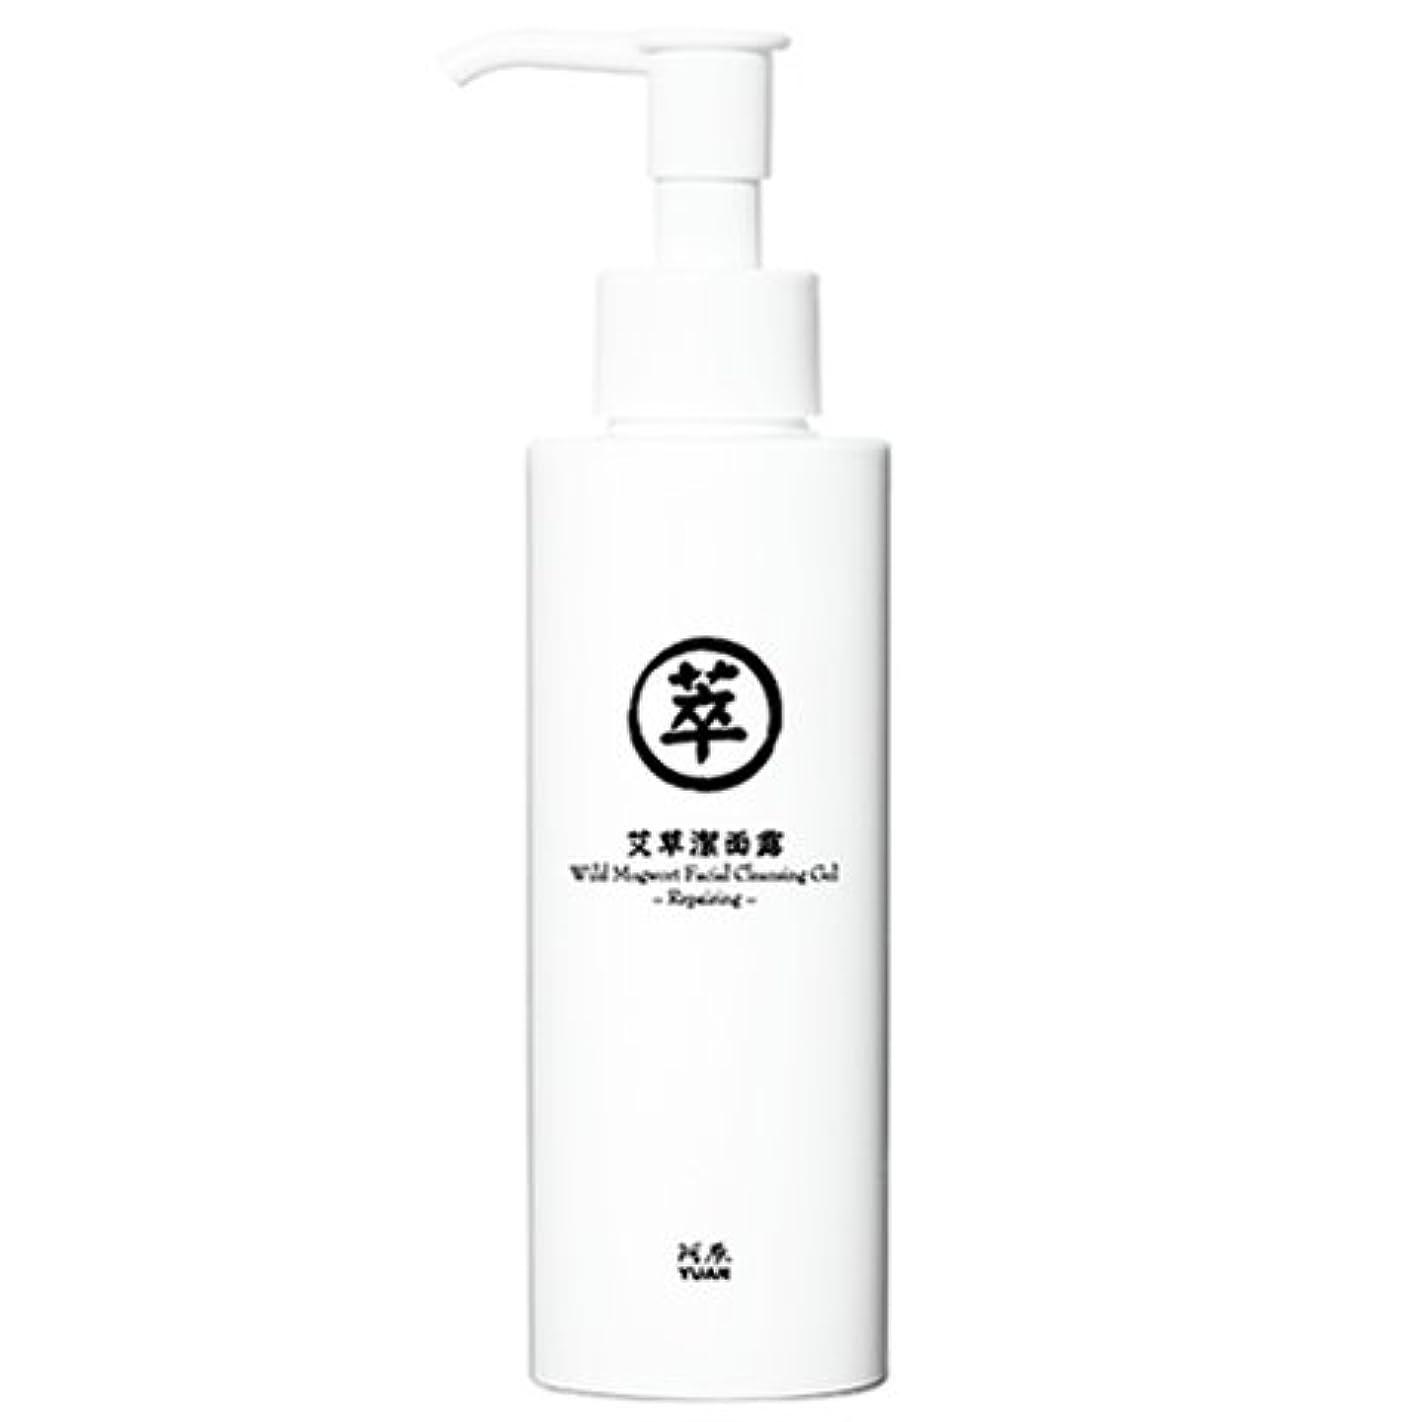 すべて食べる日常的にユアン(YUAN)ヨモギ洗顔ジェル 150ml(阿原 ユアンソープ 台湾コスメ)